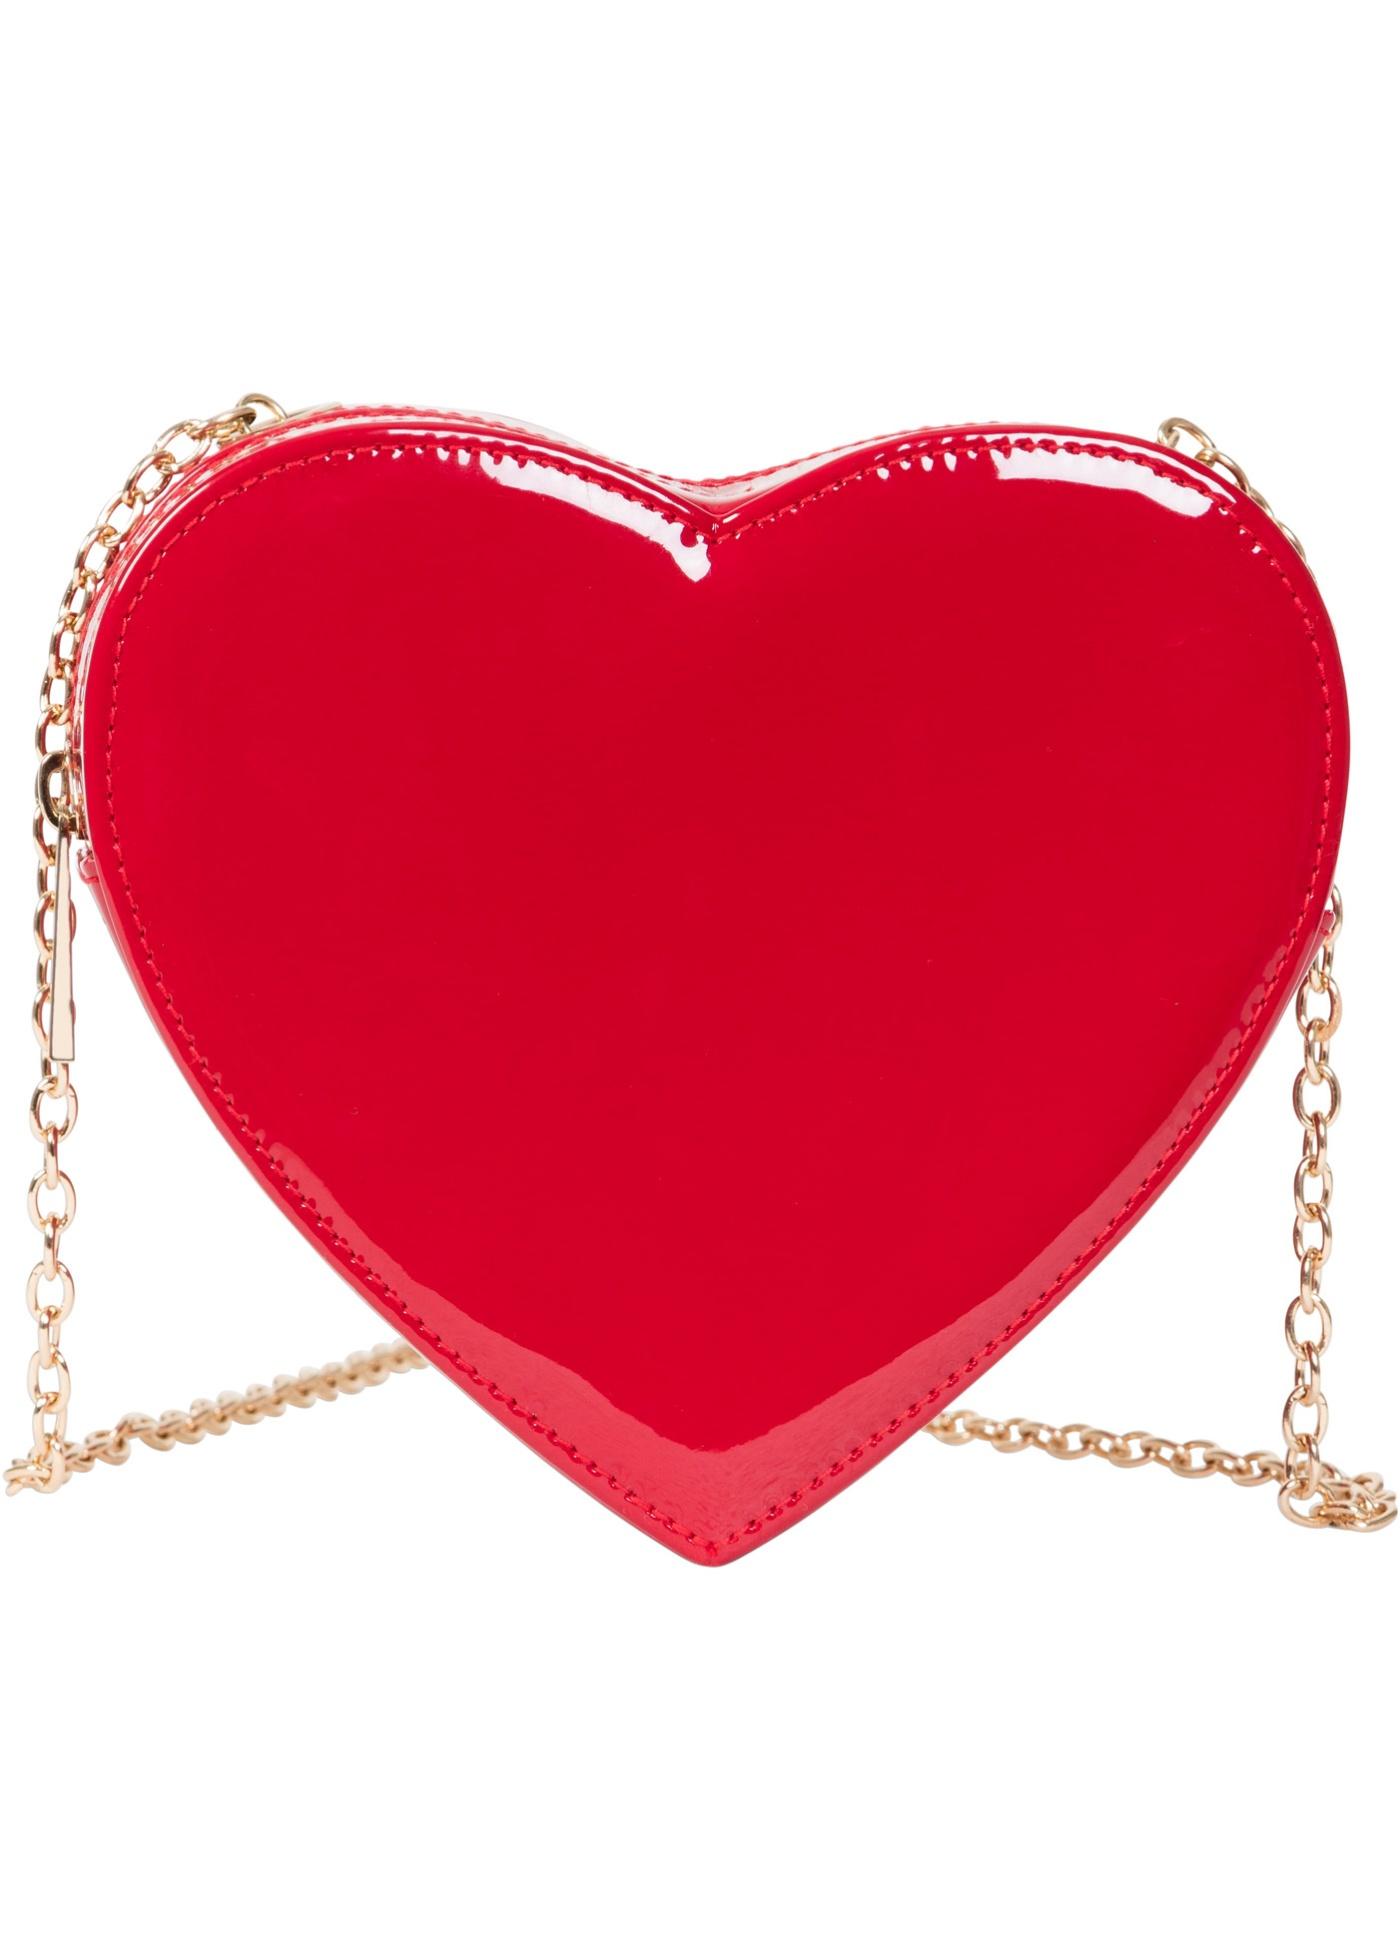 Kabelka přes rameno Srdce - Červená